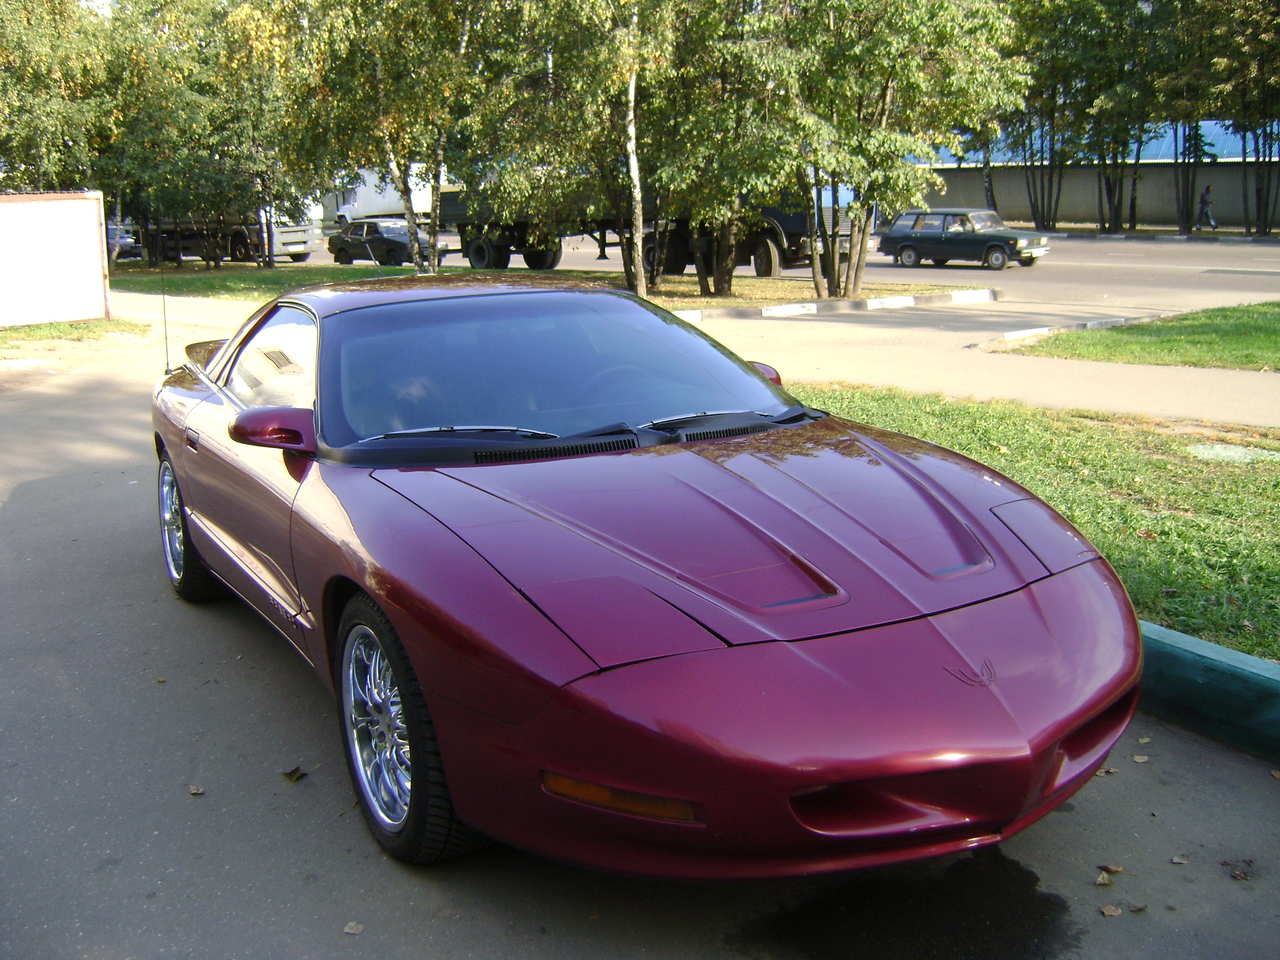 Pontiac Firebird A B Orig on 2002 Maroon Mercury Cougar